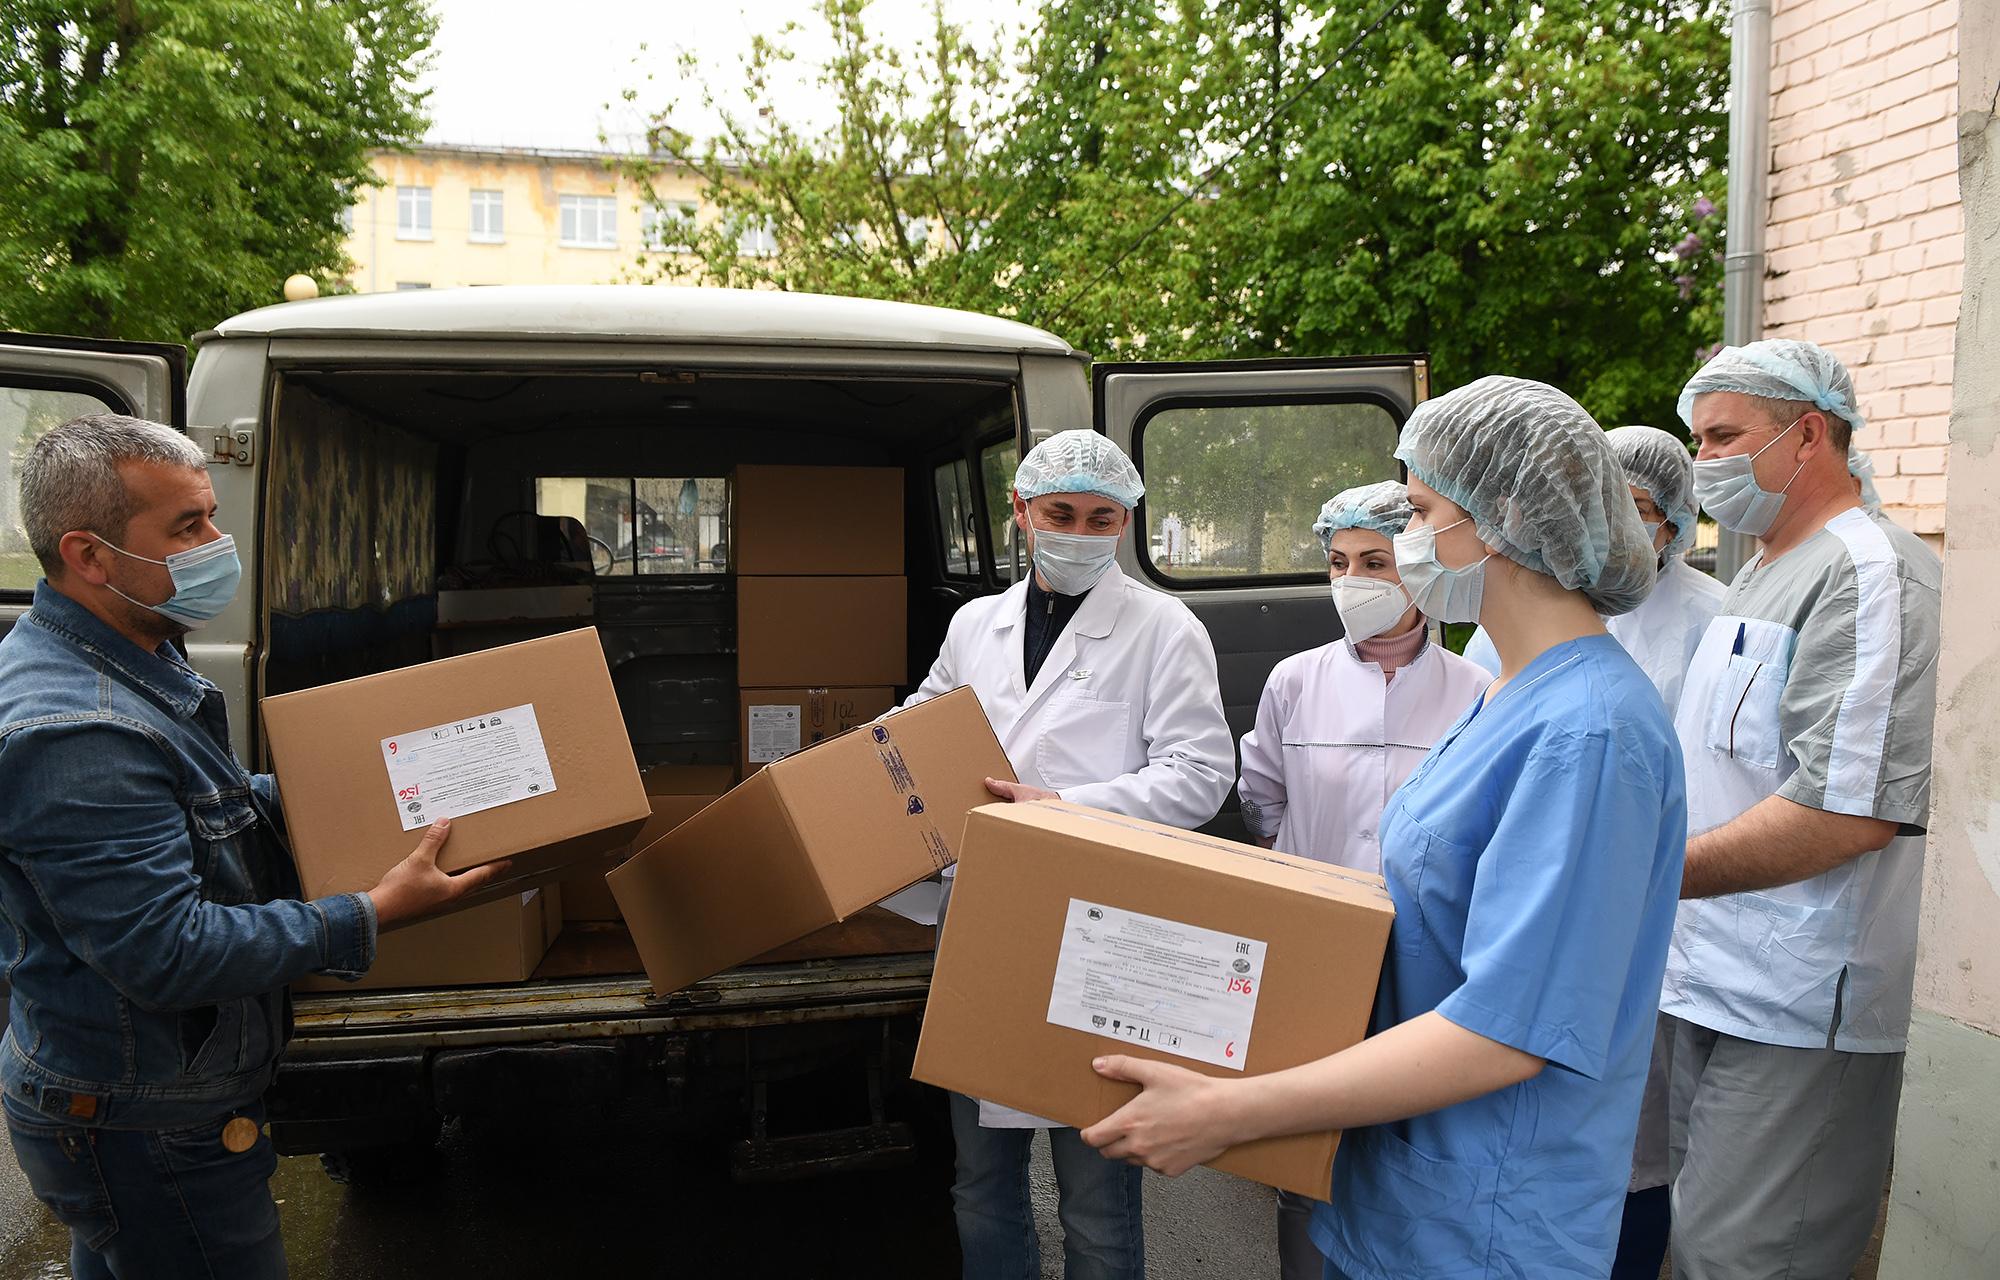 Кимрская фабрика имени Горького передала средства индивидуальной защиты тверской больнице